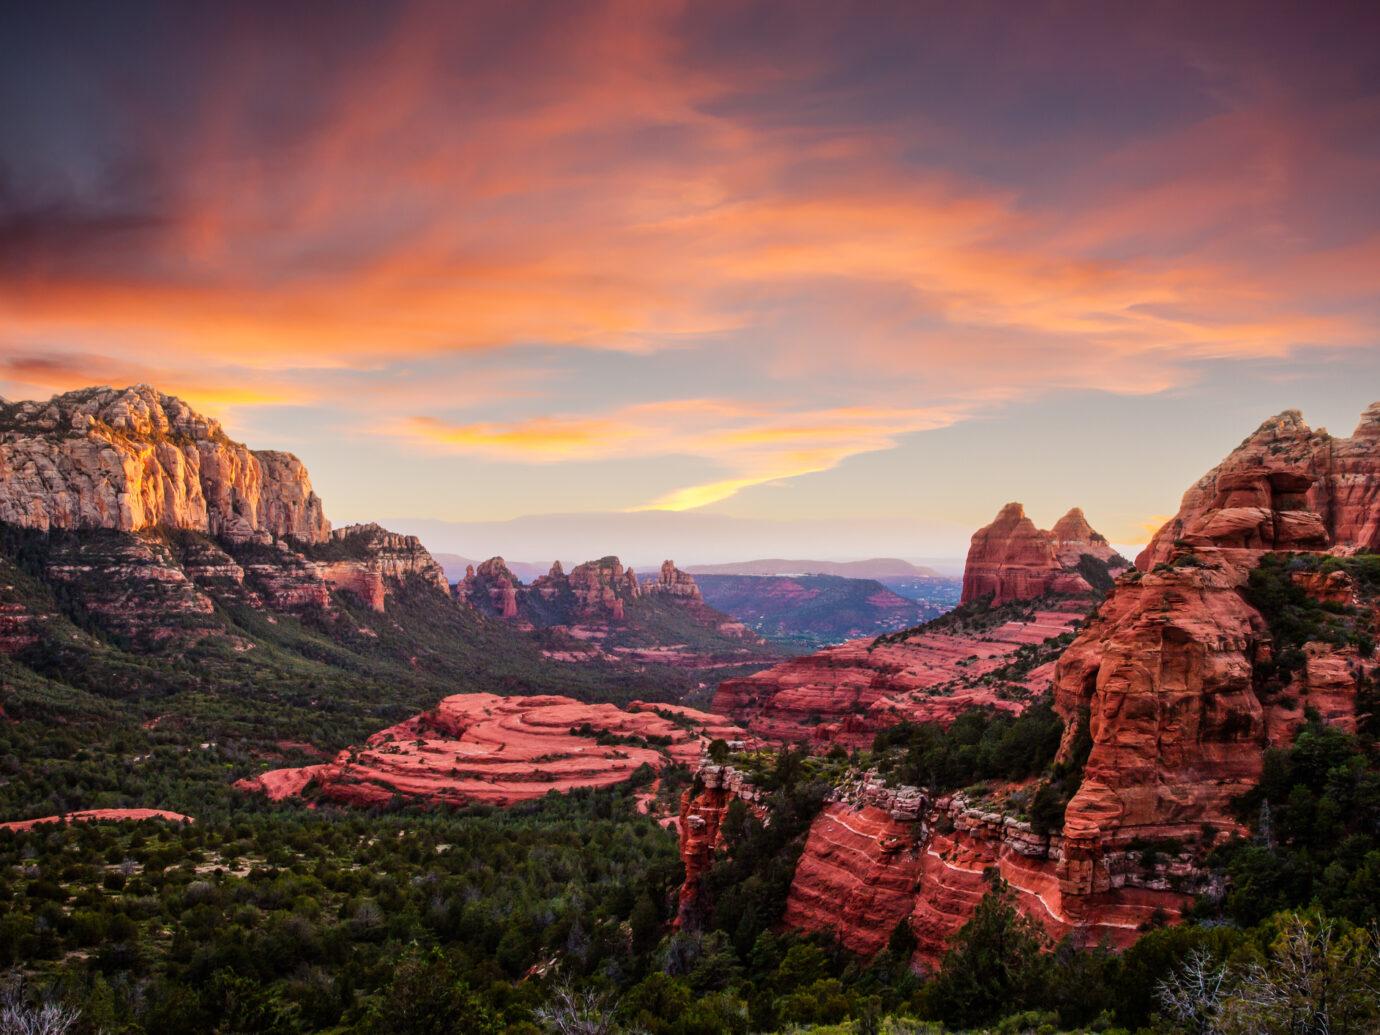 Red Rocks Sunset in Sedona Arizona